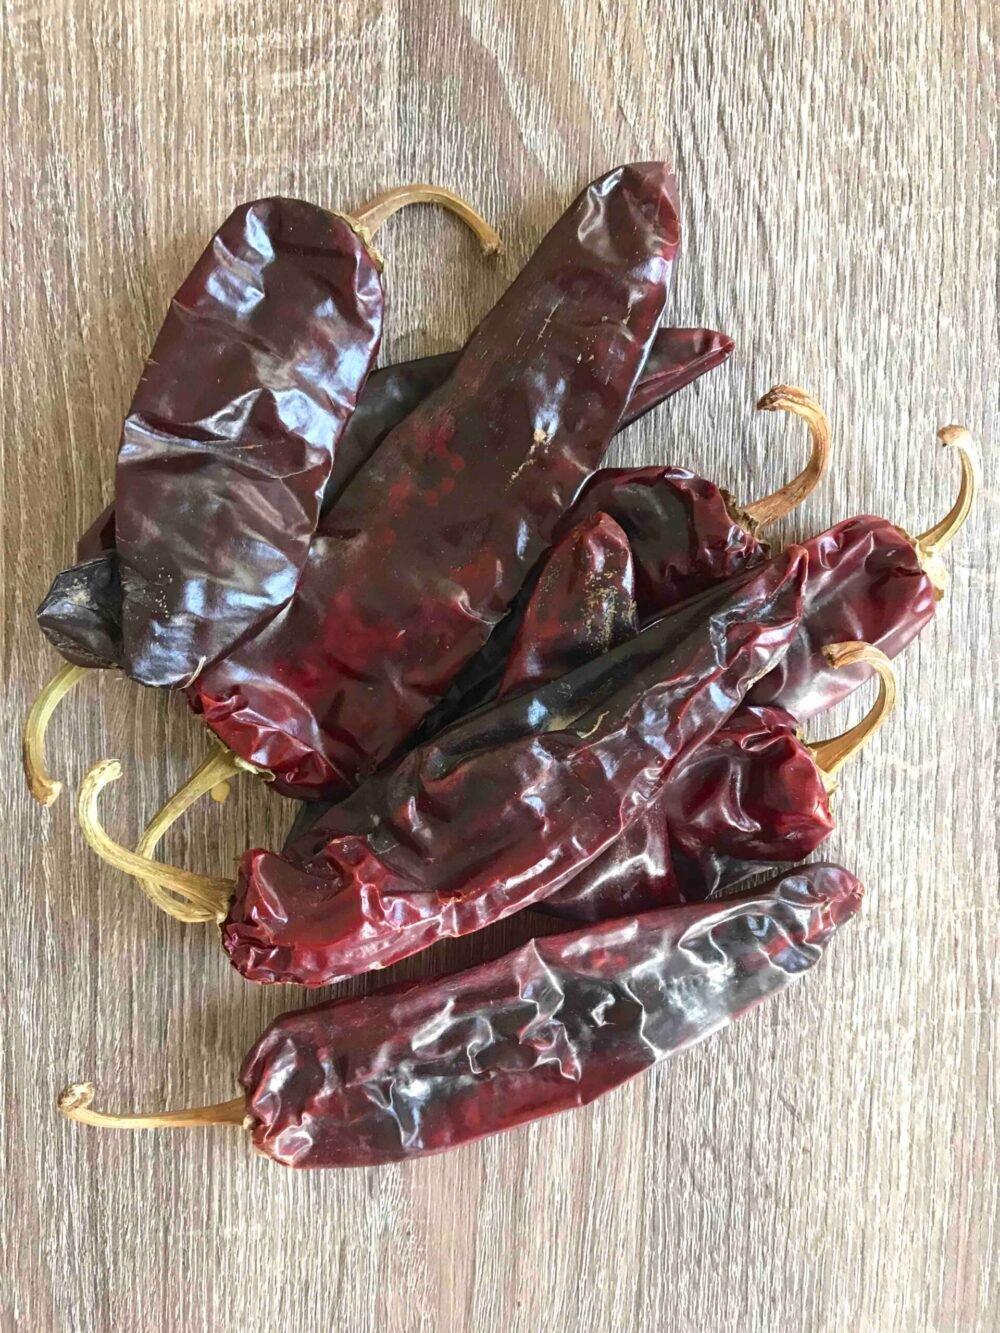 Guaque or guajillo chilis on a wooden table.